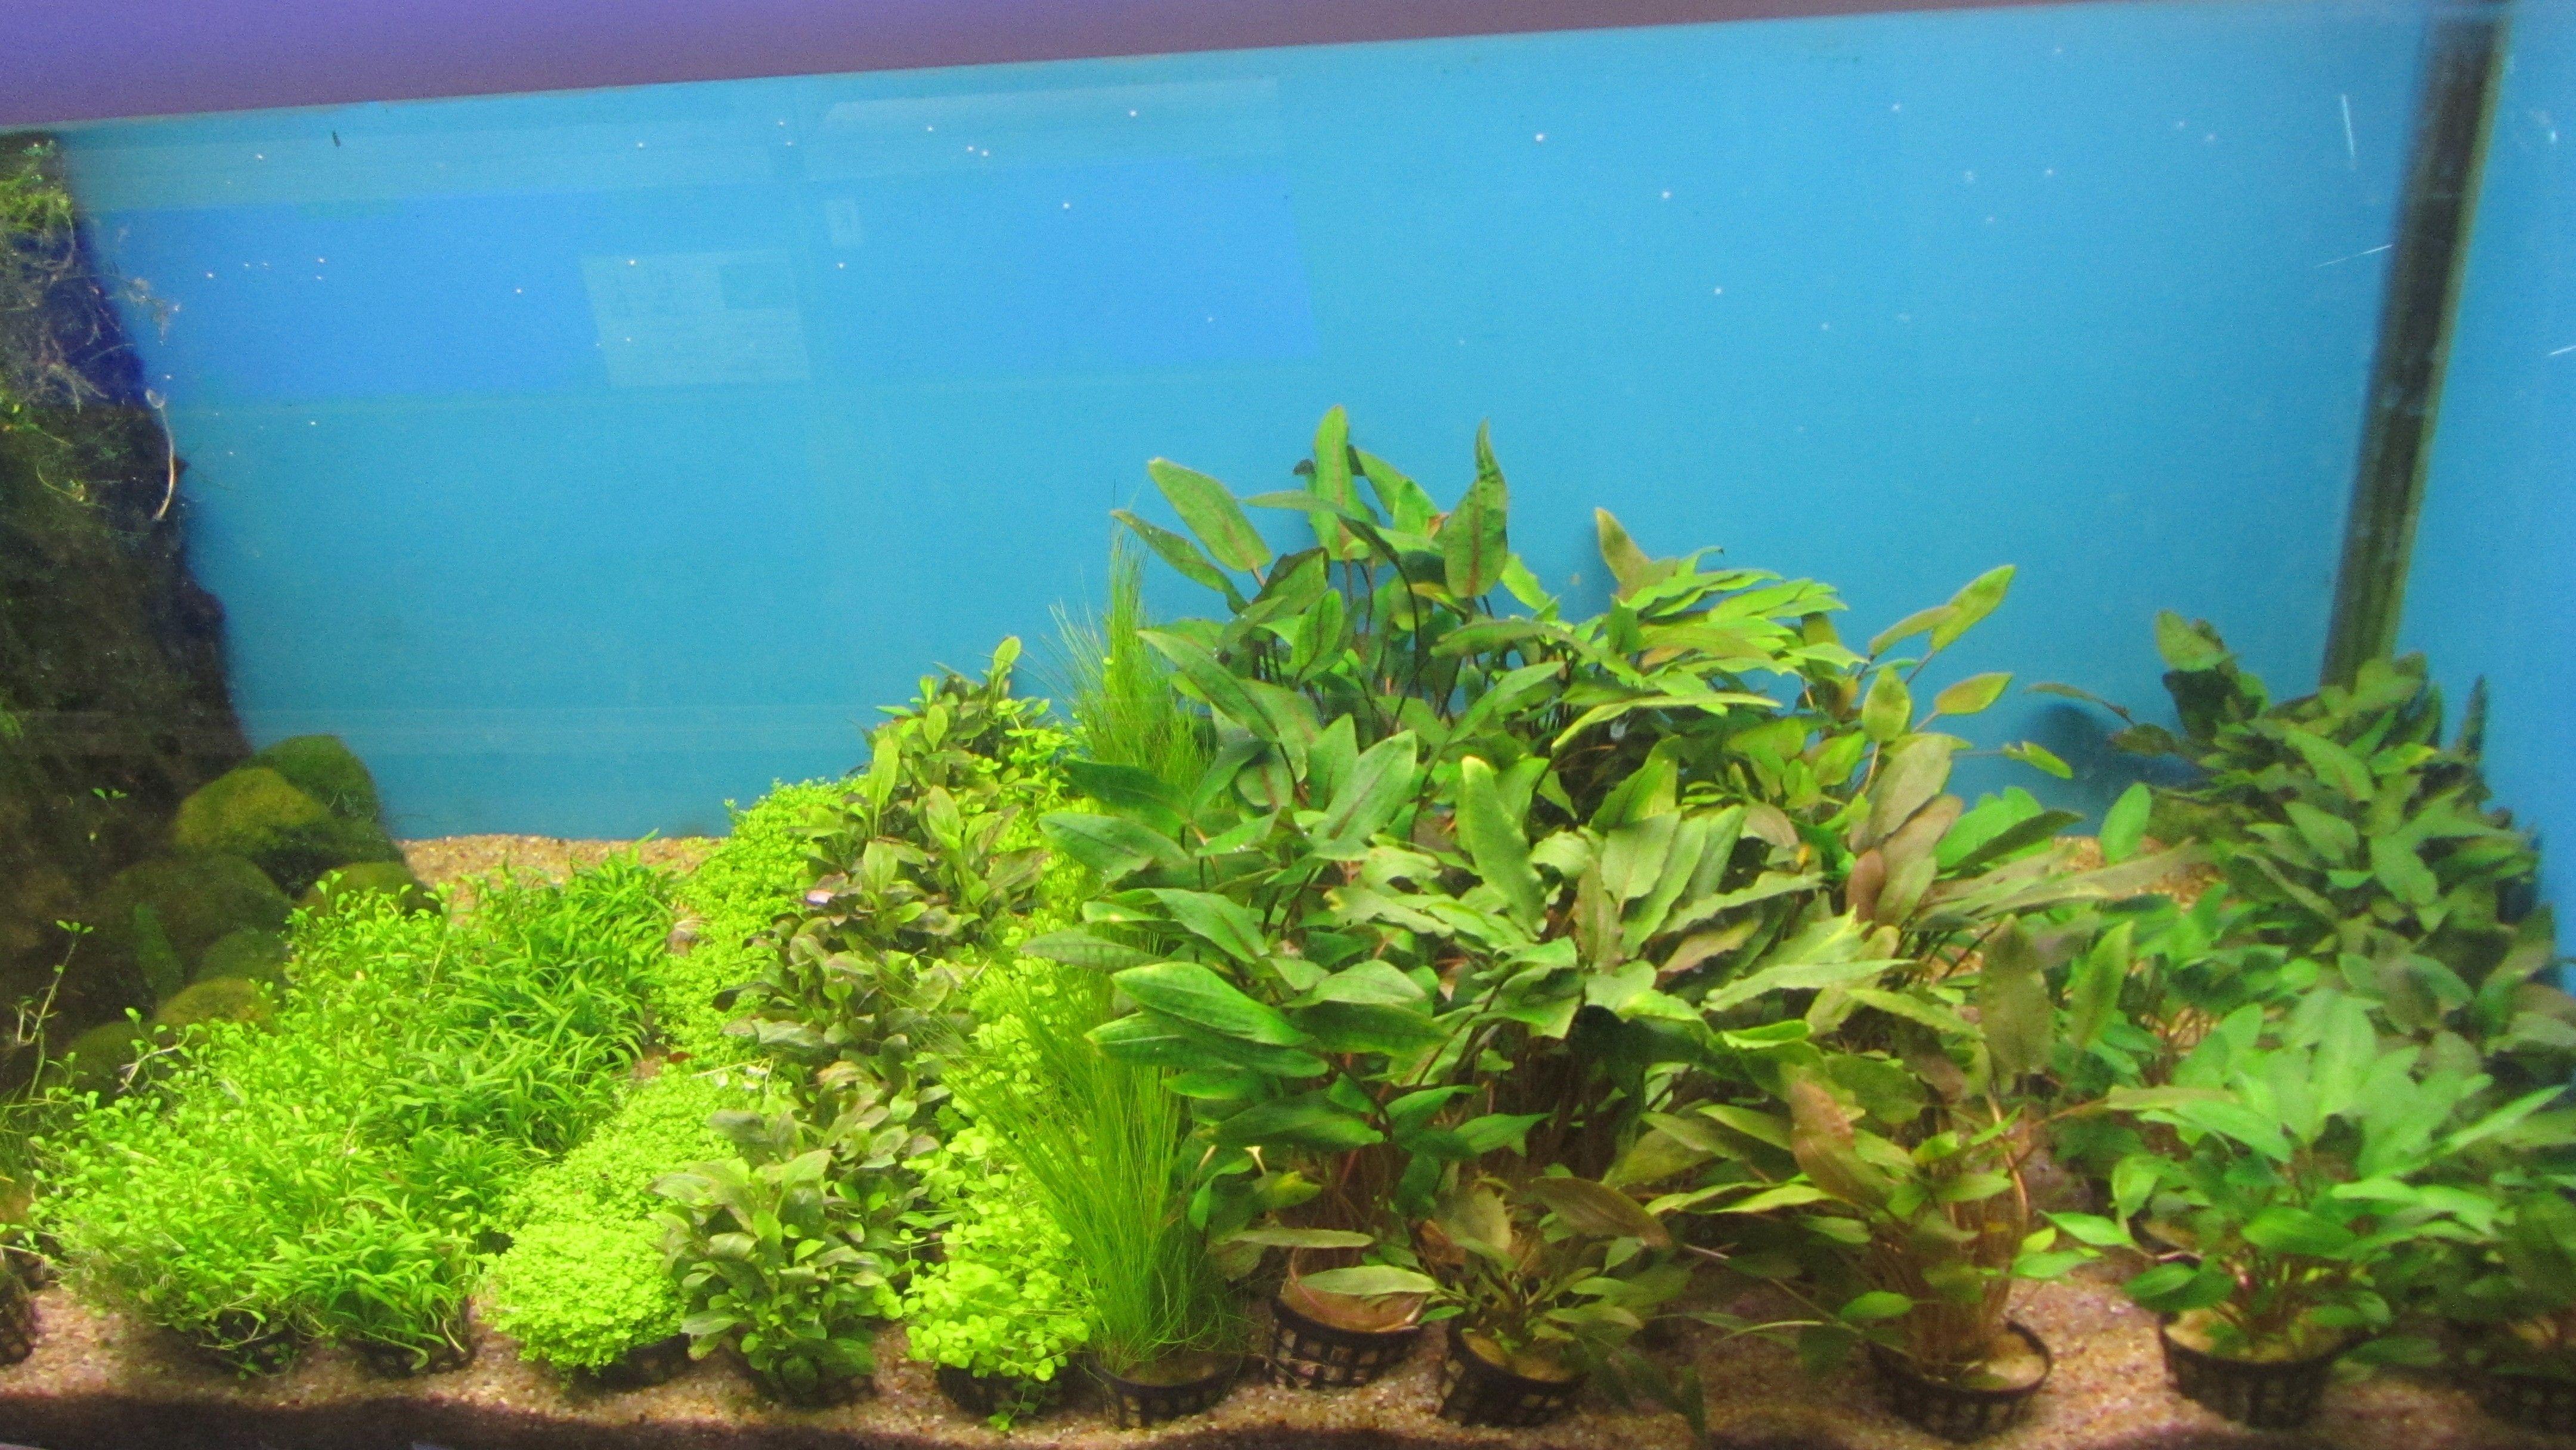 Plantepakke 6 består af 10 nemme planter. høj, medium, lav